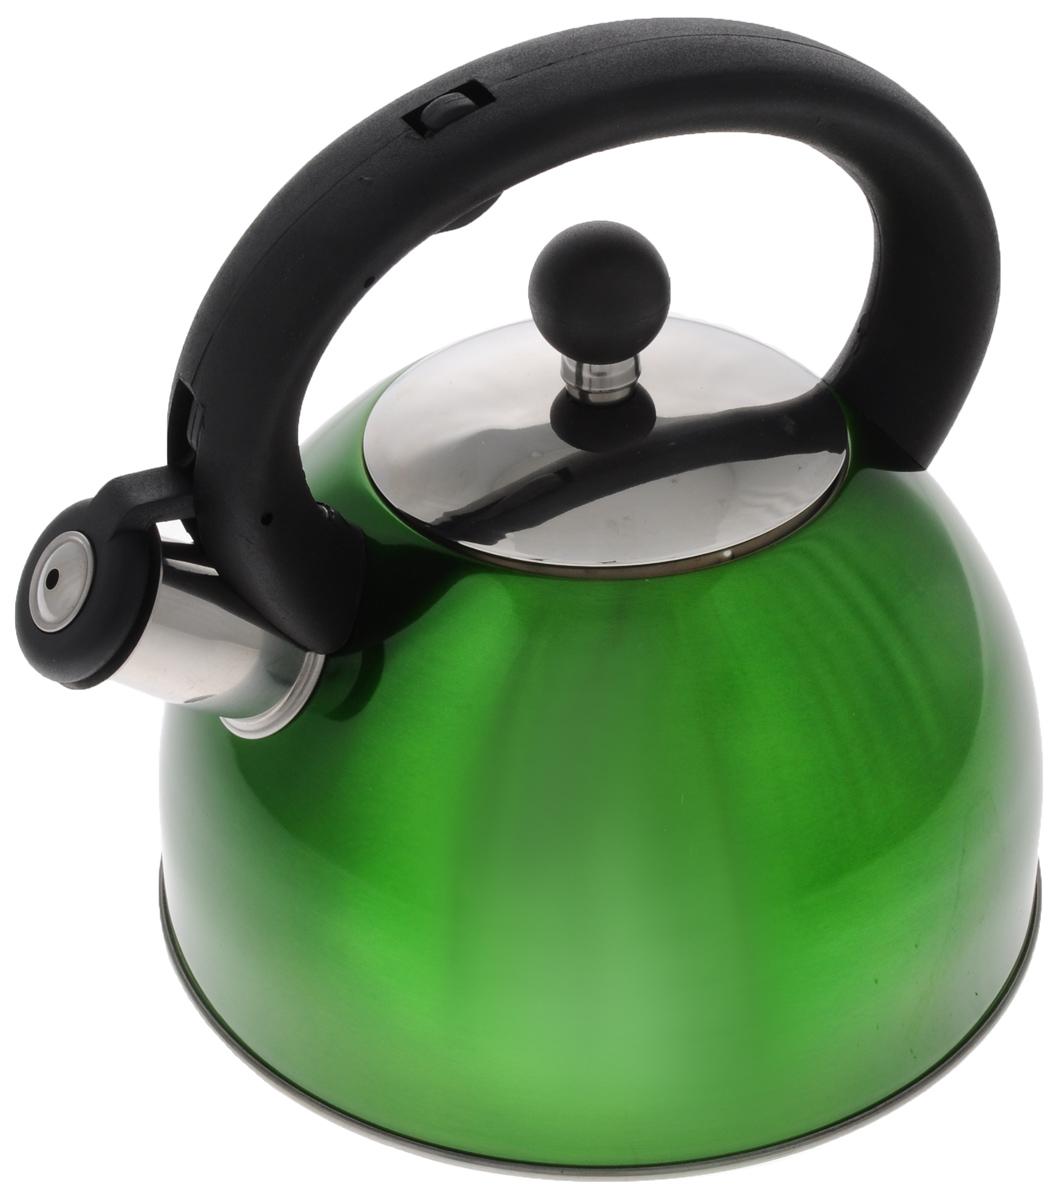 Чайник Mayer & Boch, со свистком, цвет: зеленый, 2,7 л. 33323332_зеленыйЧайник Mayer & Boch выполнен из нержавеющей стали высокой прочности, при кипячении сохраняет все полезные свойства воды. Весьма гигиеничен и устойчив к износу при длительном использовании. Гладкая и ровная поверхность существенно облегчает уход за посудой. Чайник оснащен кнопкой для открывания носика и свистком, который громко оповестит о закипании воды. Удобная эргономичная ручка выполнена из пластика. Такой чайник идеально впишется в интерьер любой кухни и станет замечательным подарком к любому случаю. Подходит для газовых, электрических, стеклокерамических, галогеновых плит. Не подходит для индукционных плит. Можно мыть в посудомоечной машине. Диаметр чайника (по верхнему краю): 10 см. Высота чайника (с учетом ручки): 23 см. Диаметр основания: 21 см.